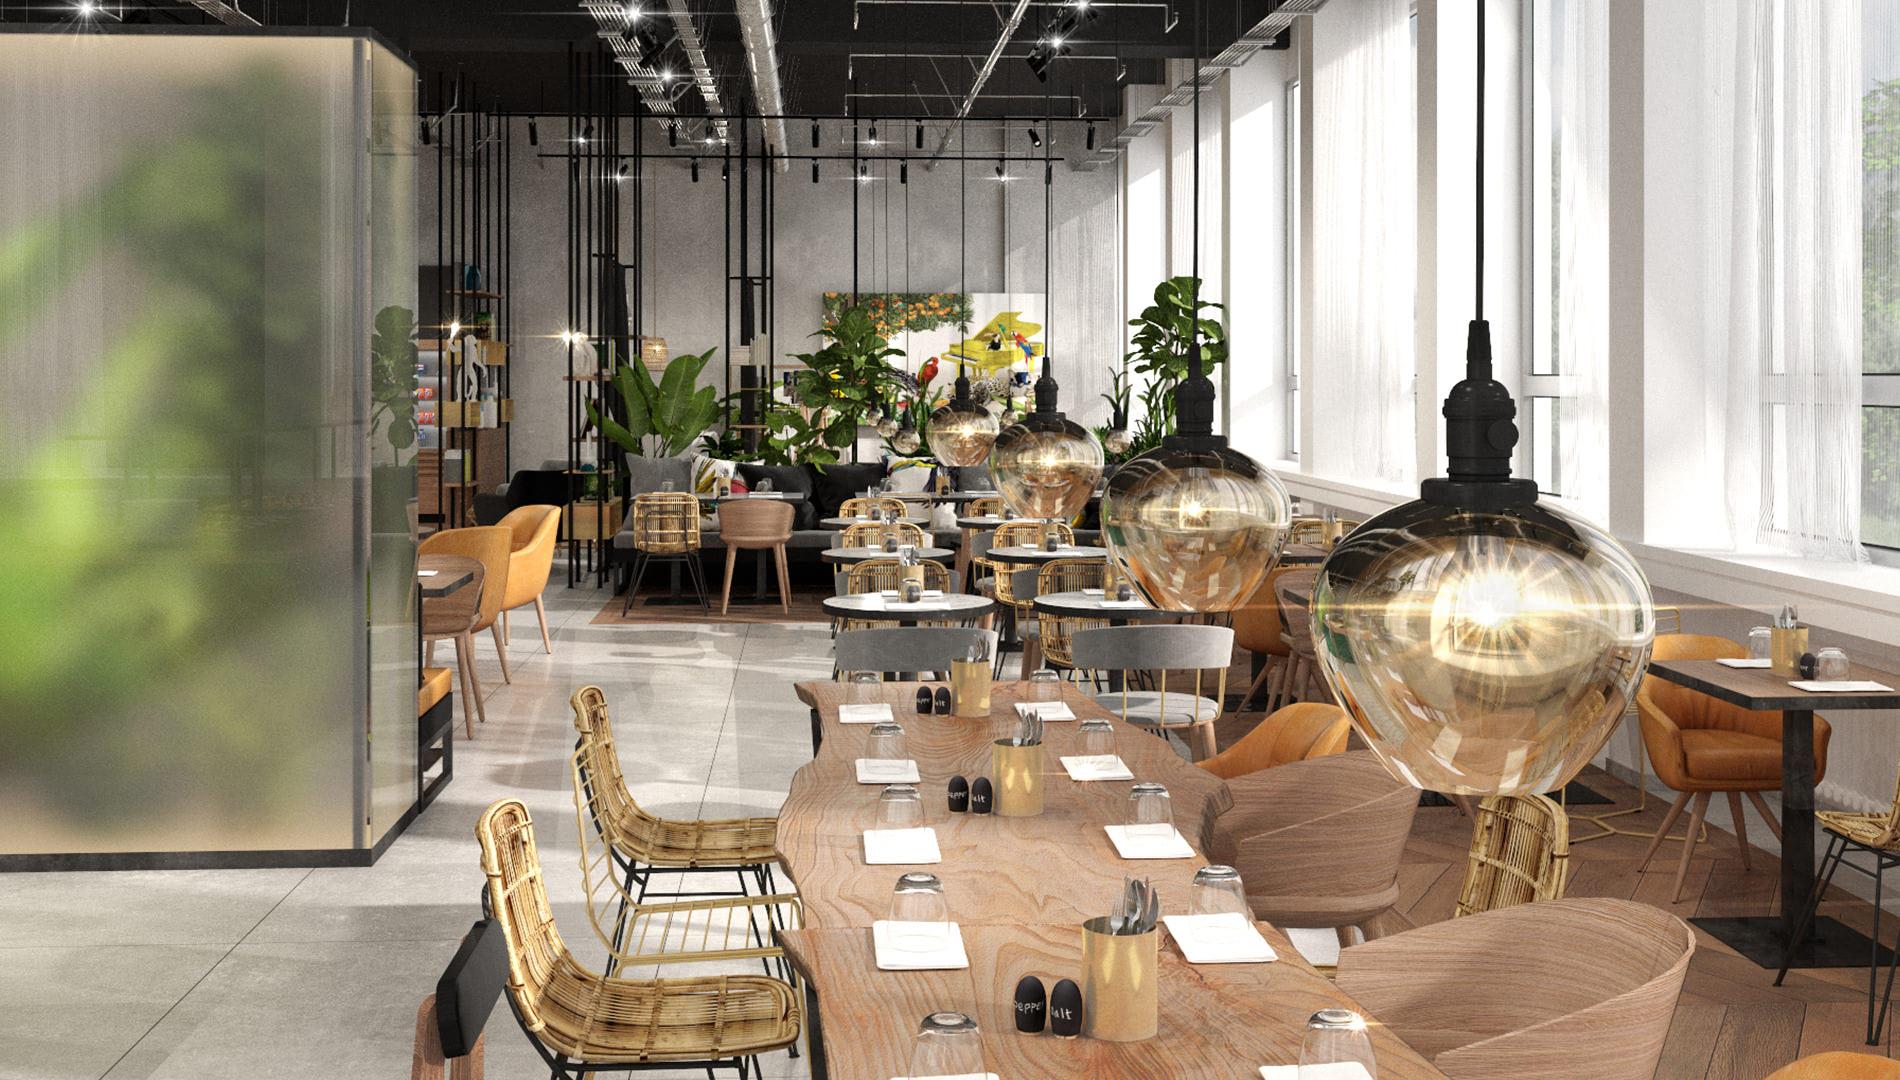 Destinationsentwicklung Ninety Nine Hotels Wuppertal Hotel Design Restaurant Speiseraum Going Places